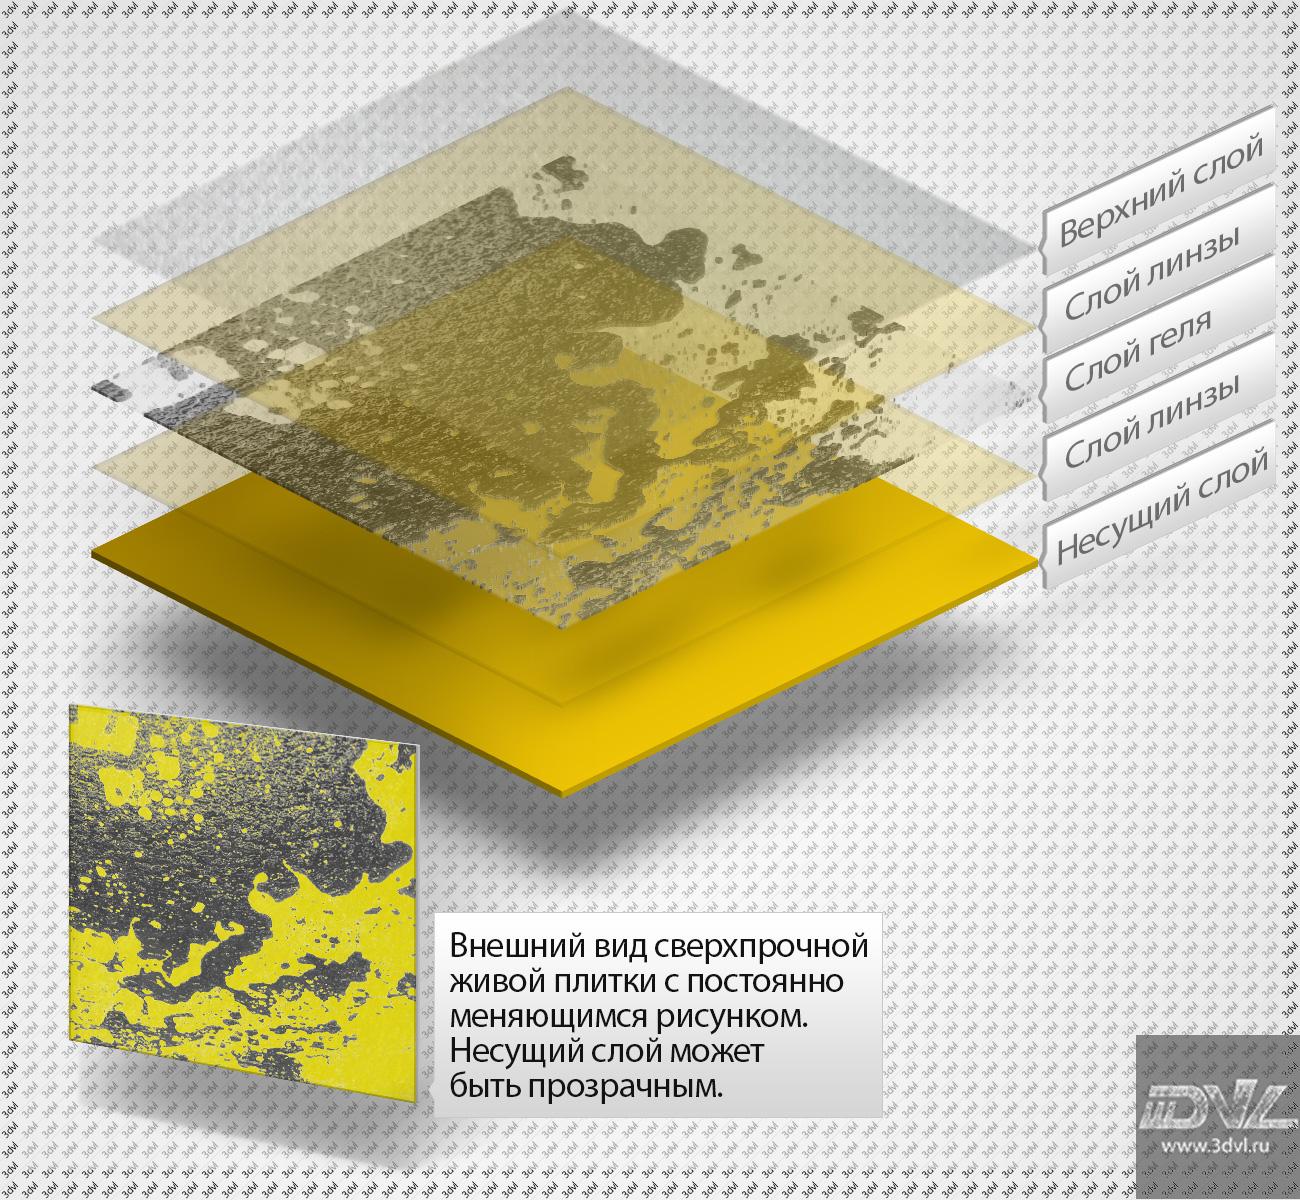 жидкая плитка керамическая liquid lava production